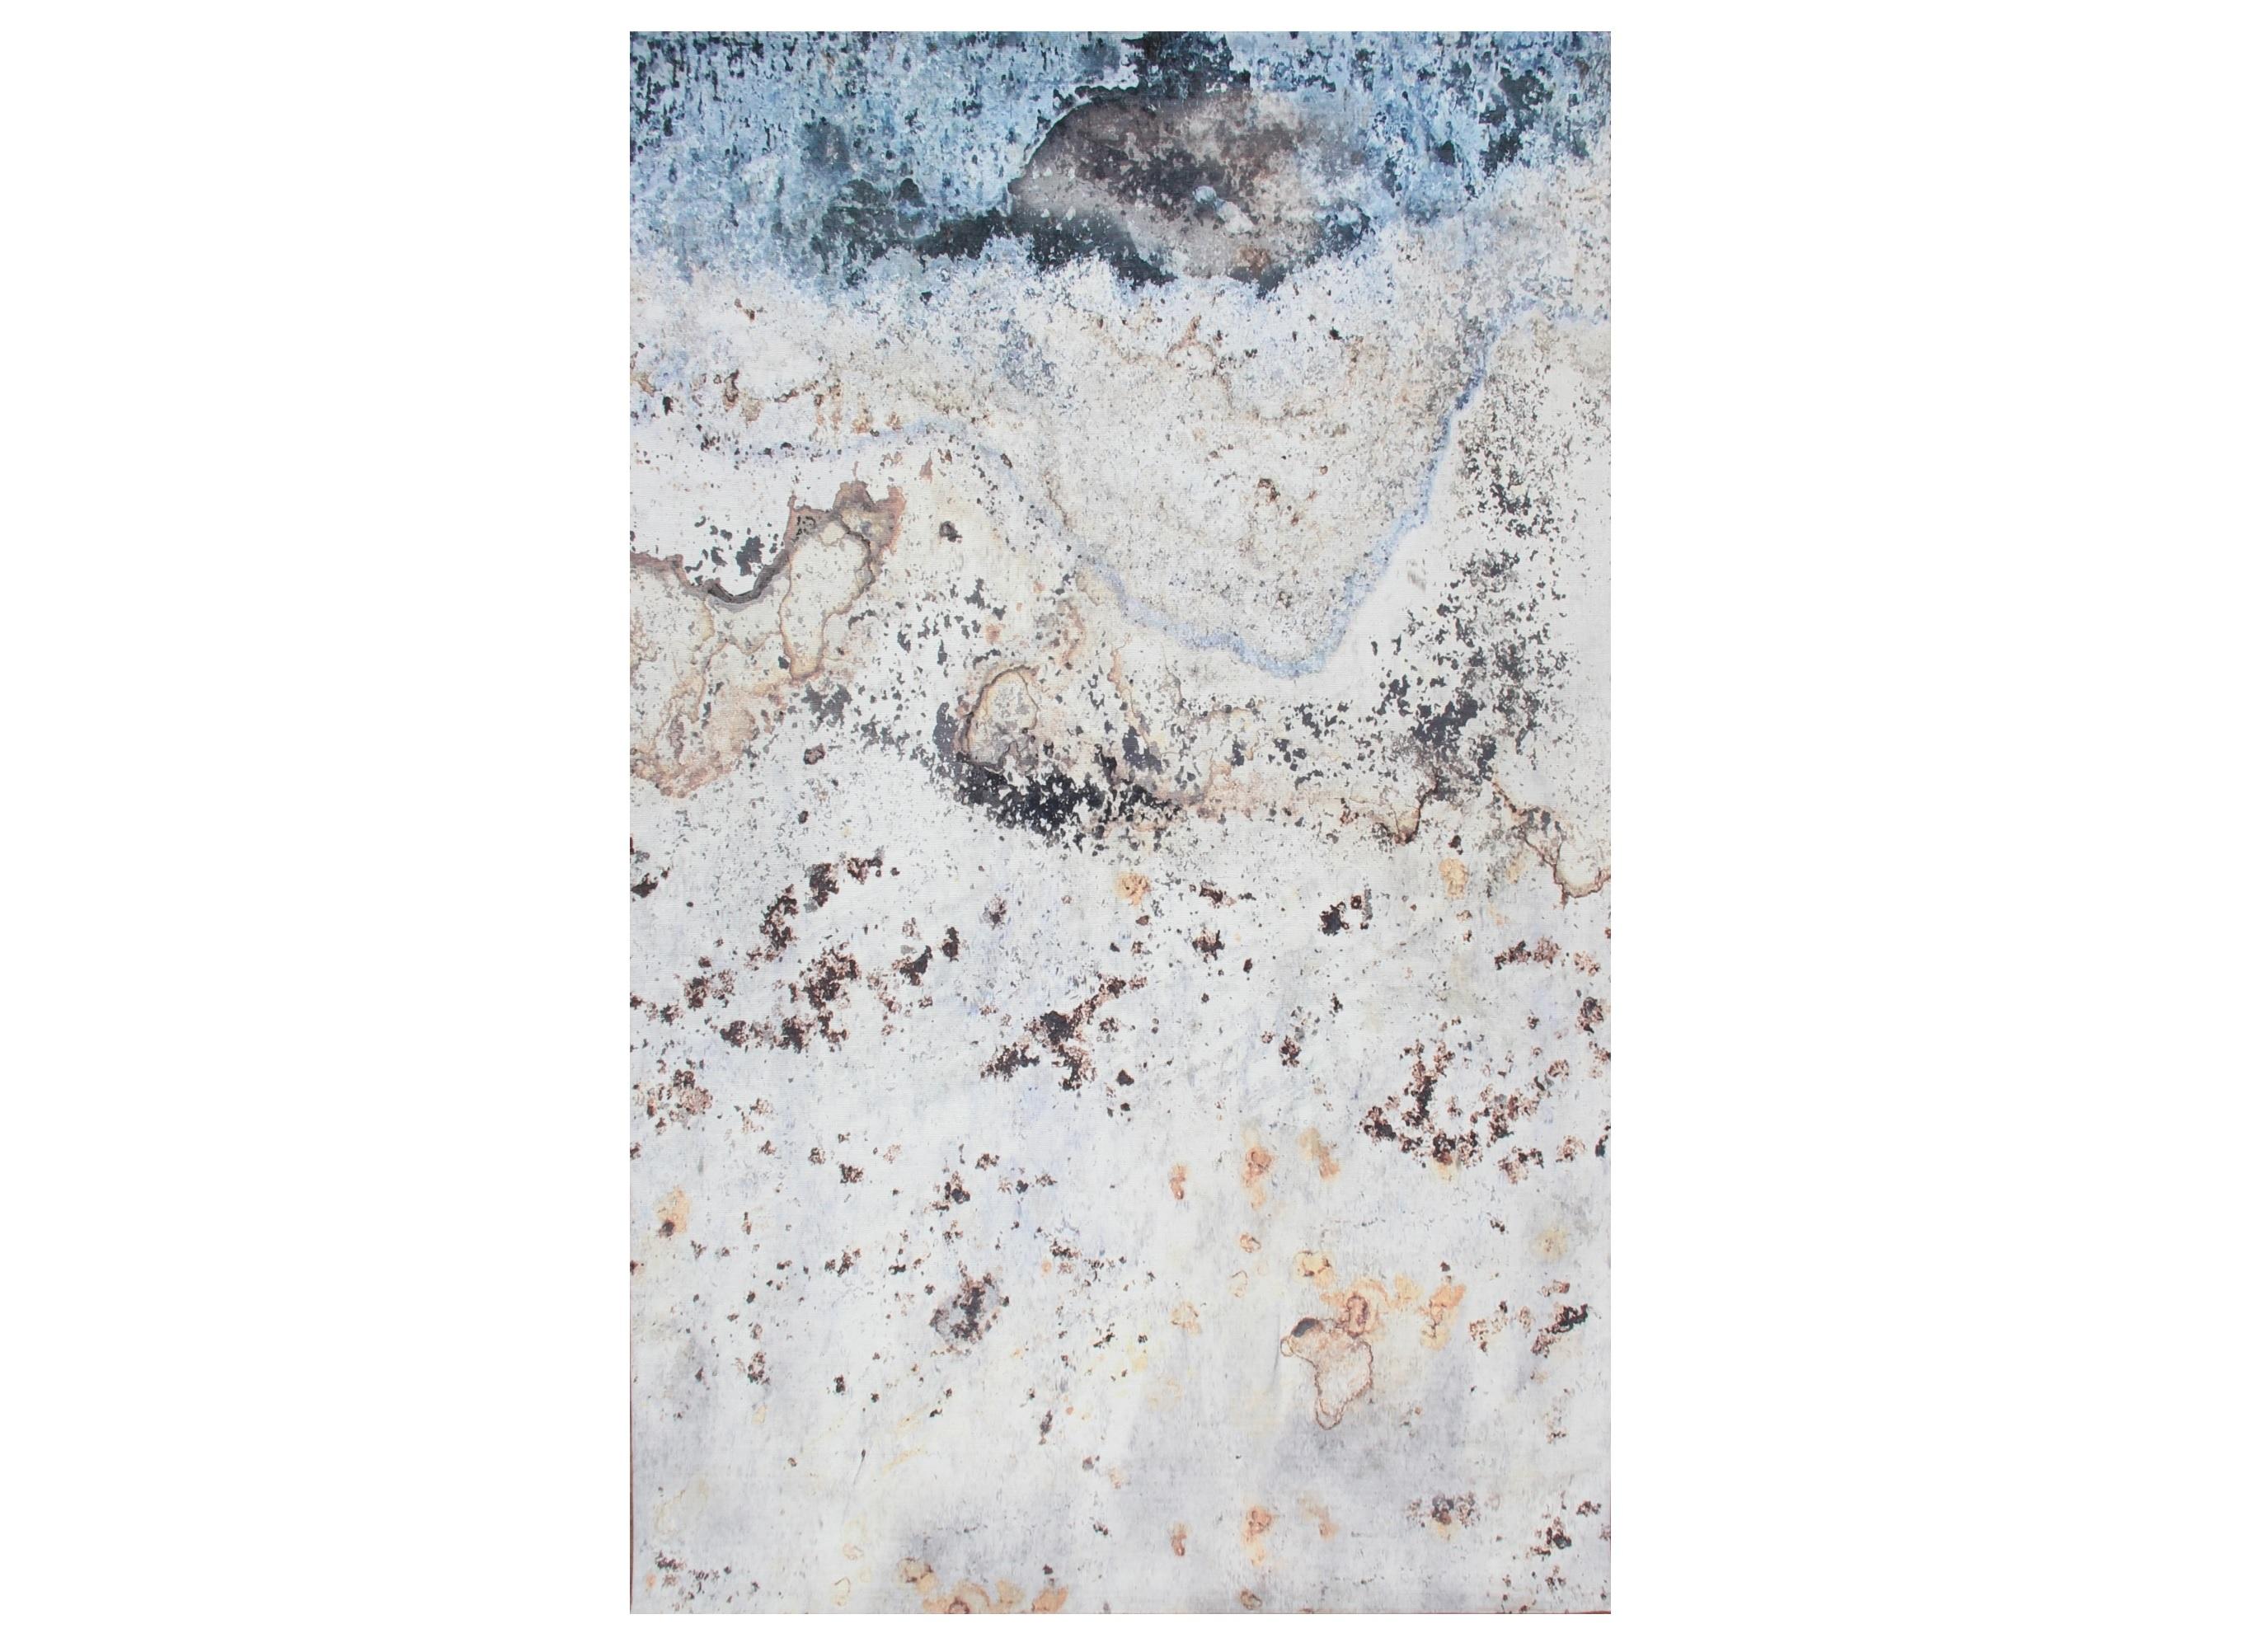 Ковер CraftПрямоугольные ковры<br>Правила по уходу:-не выбивать, чистить пылесосом-не рекомендуется ставить мебель на ковер-не использовать моющие средства с высоким содержанием химических веществ-для глубокой очистки ковра воспользуйтесь услугами химчистки-избегать воздействие прямых солнечных лучейМатериал: Полиэстер, хлопок<br><br>kit: None<br>gender: None